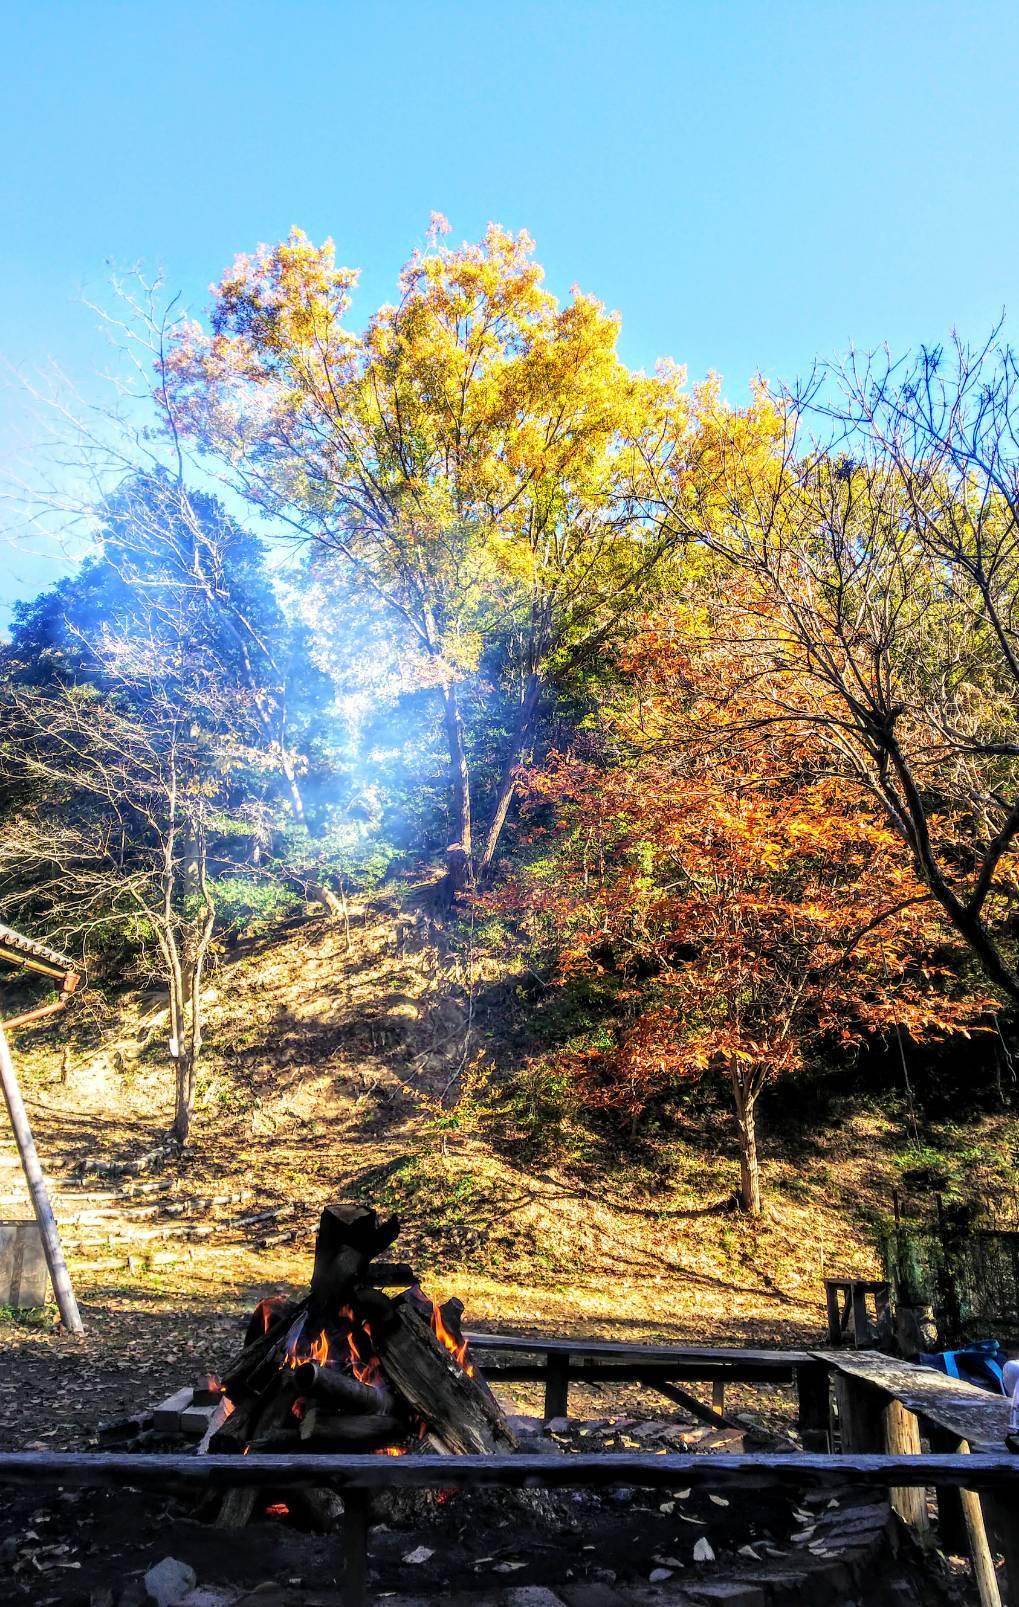 海への眺望を目指して〜尾根の間伐と魅力的な森整備〜_c0239329_18080447.jpg